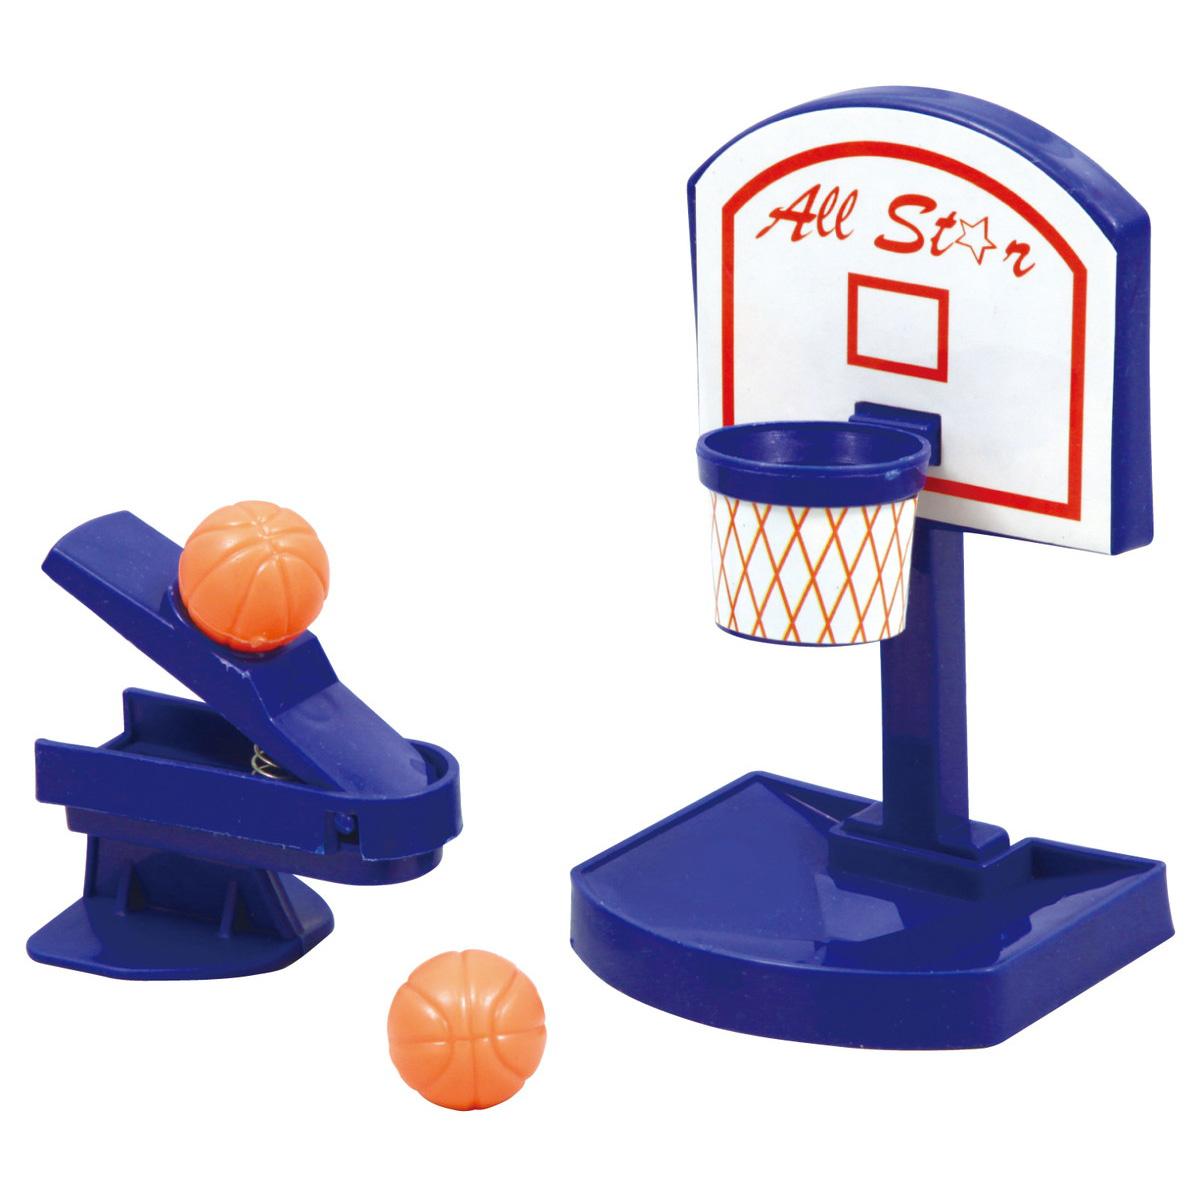 ミニバスケットボール ランダムカラー バスケット ゲーム おもちゃ こども 子供 遊び クリスマスプレゼント